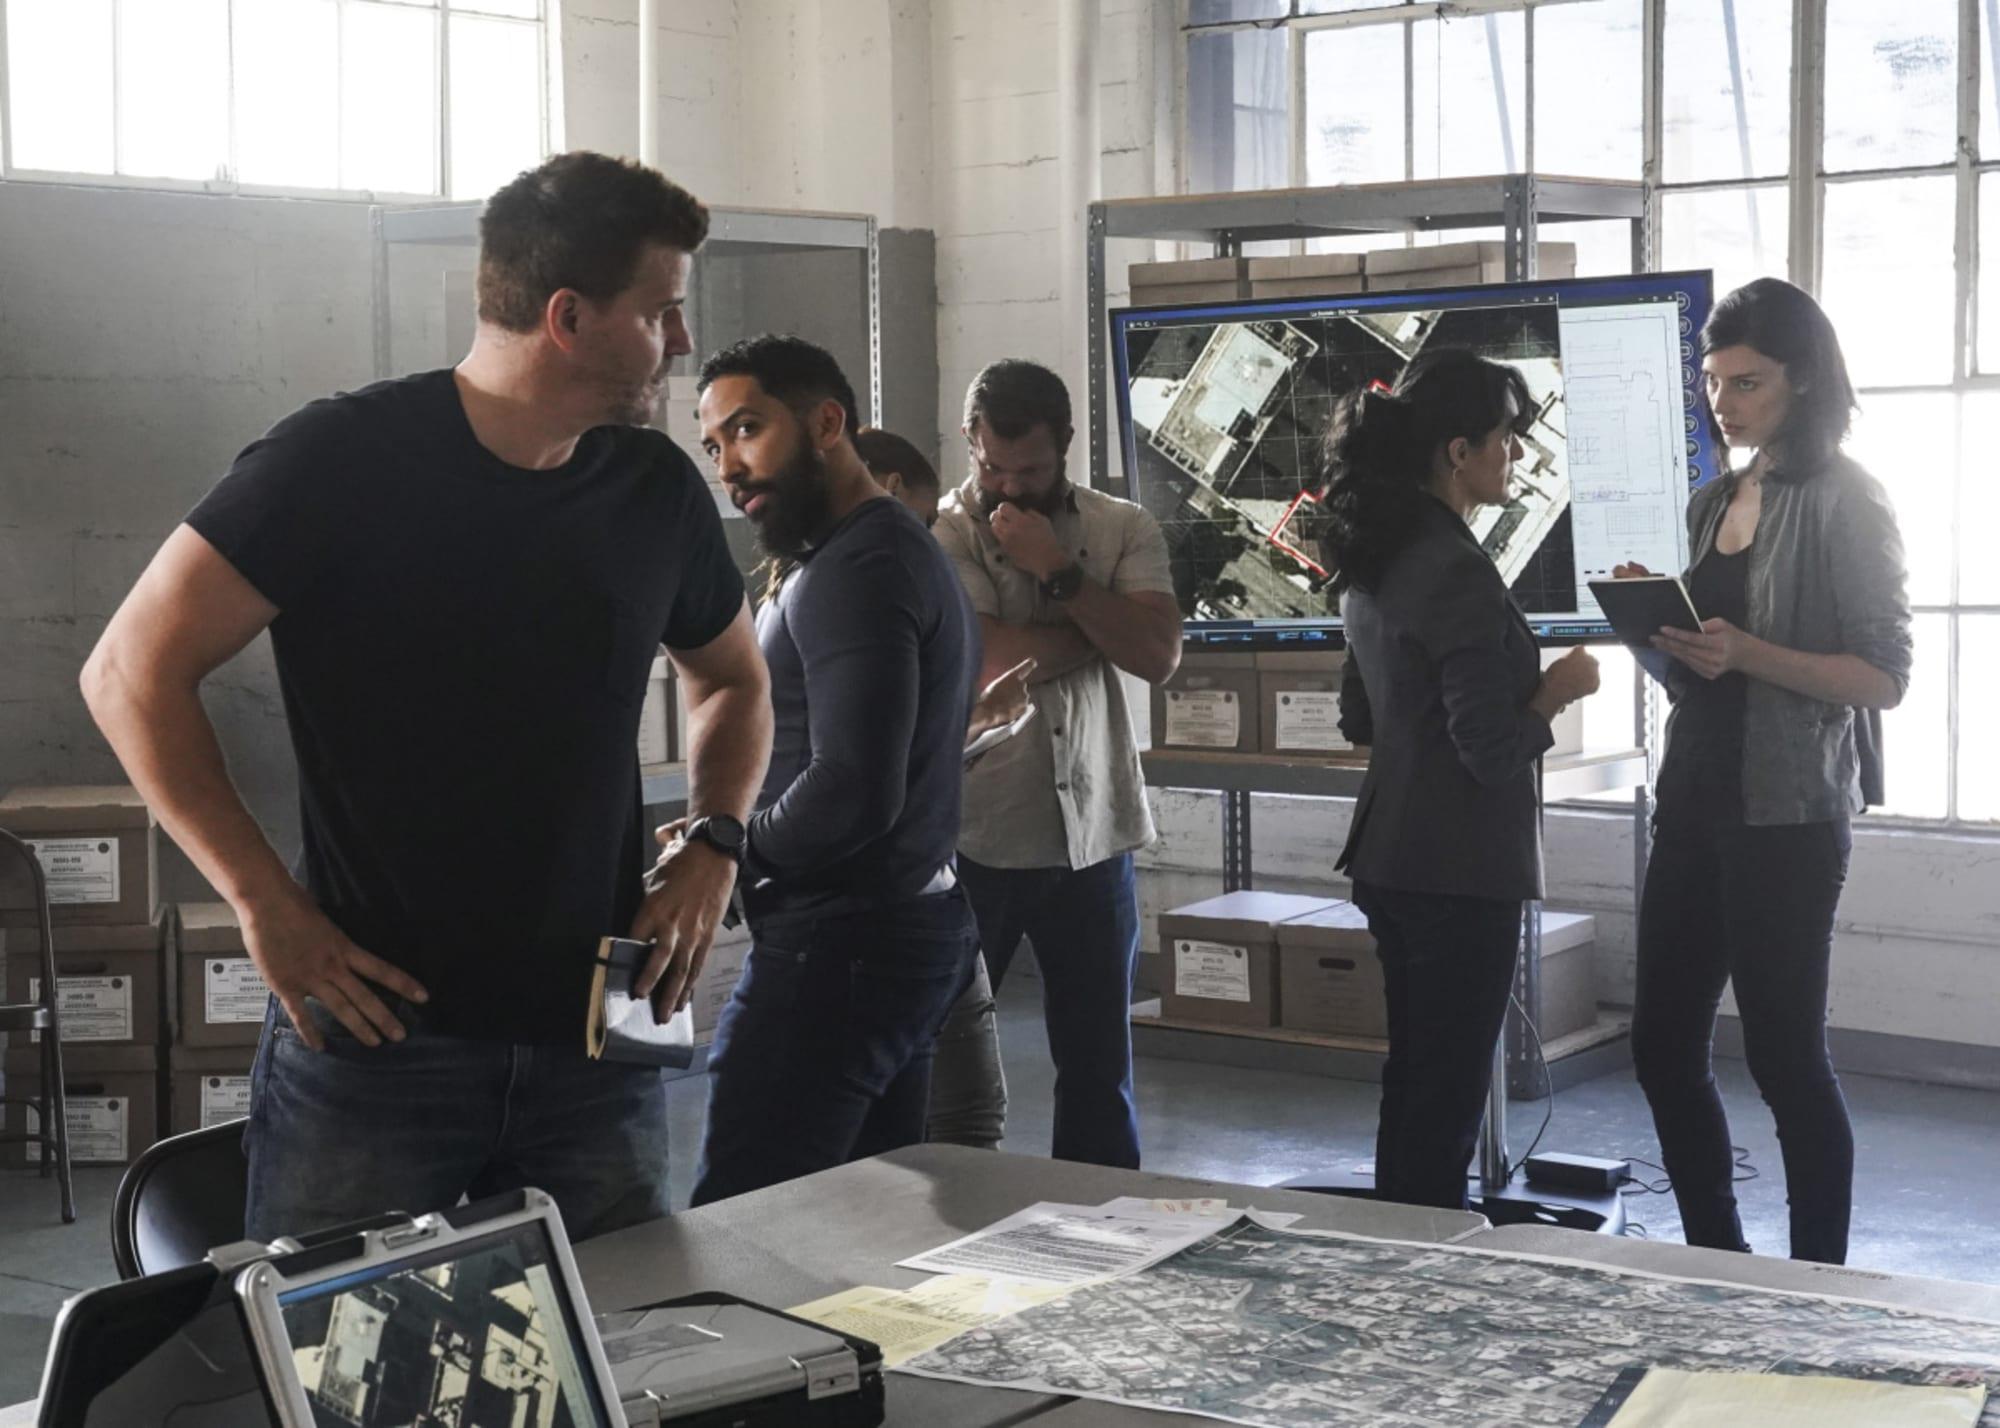 SEAL Team: 5 things we'd like to see in season 4